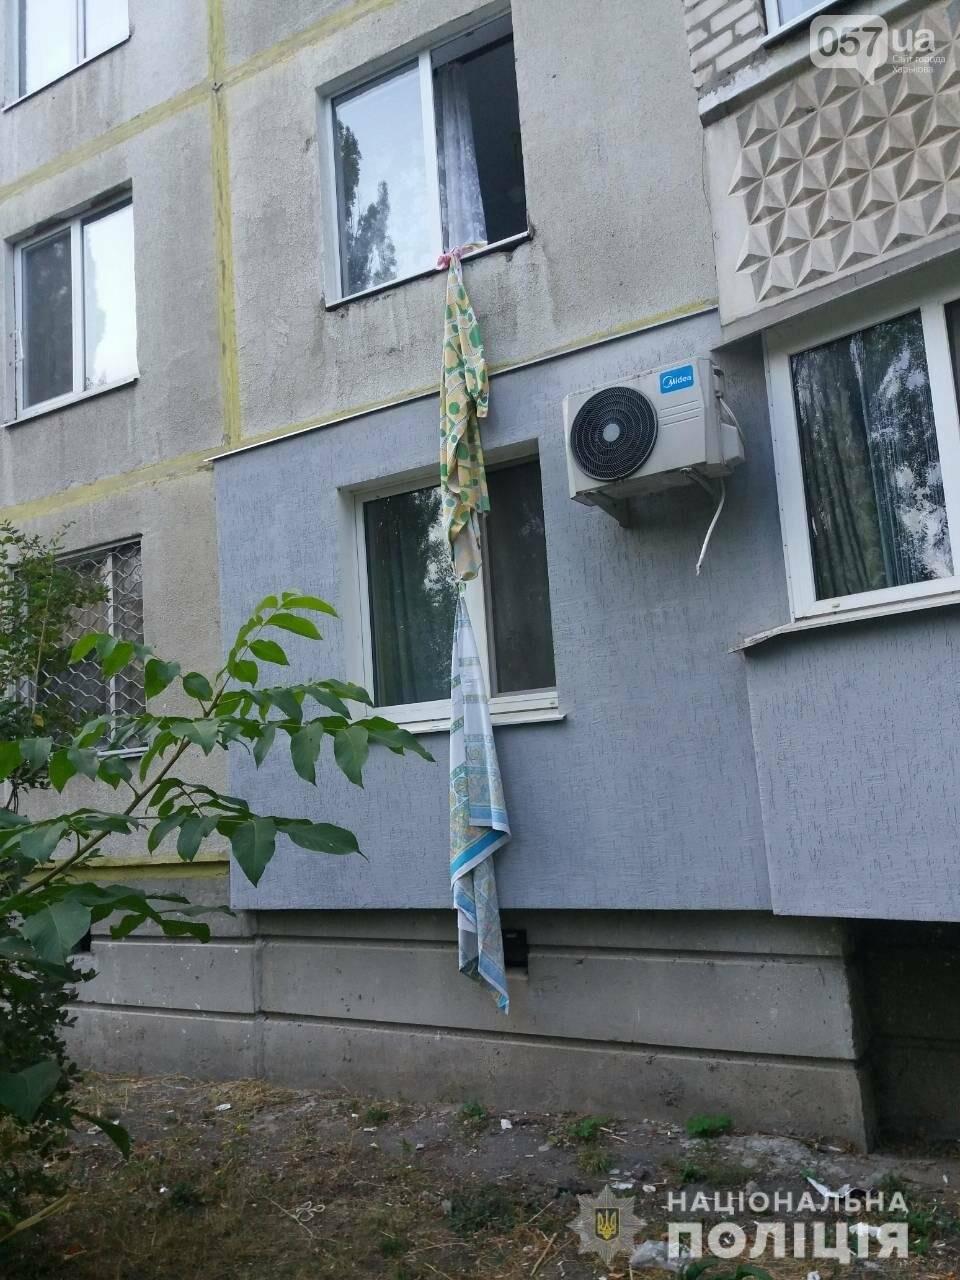 В Харькове пенсионерка погибла, пытаясь спуститься по простыням со второго этажа, - ФОТО, фото-2